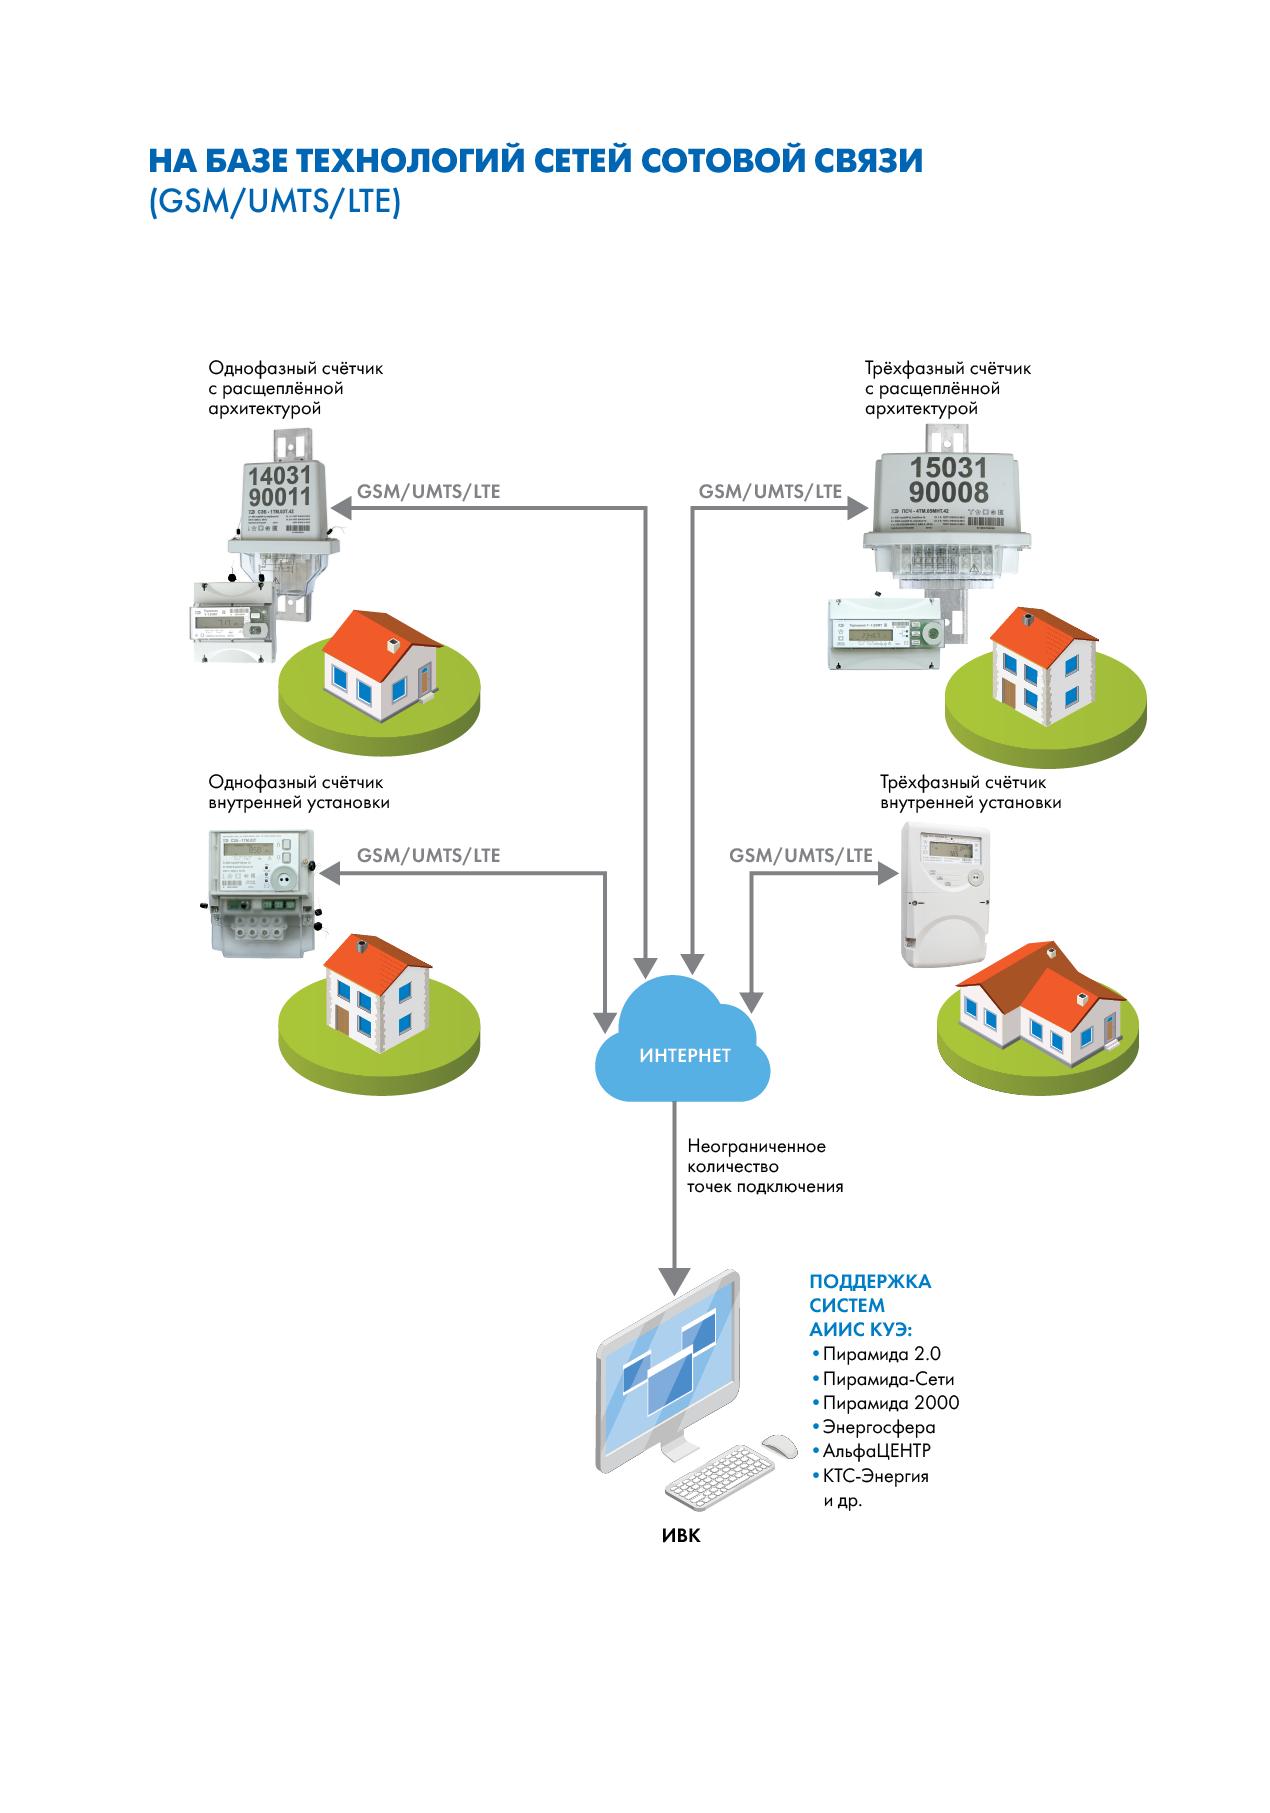 Организация сбора информации со счетчиков электрической энергии на базе технологий сетей сотовой связи (GSM/UMTS/LTE)